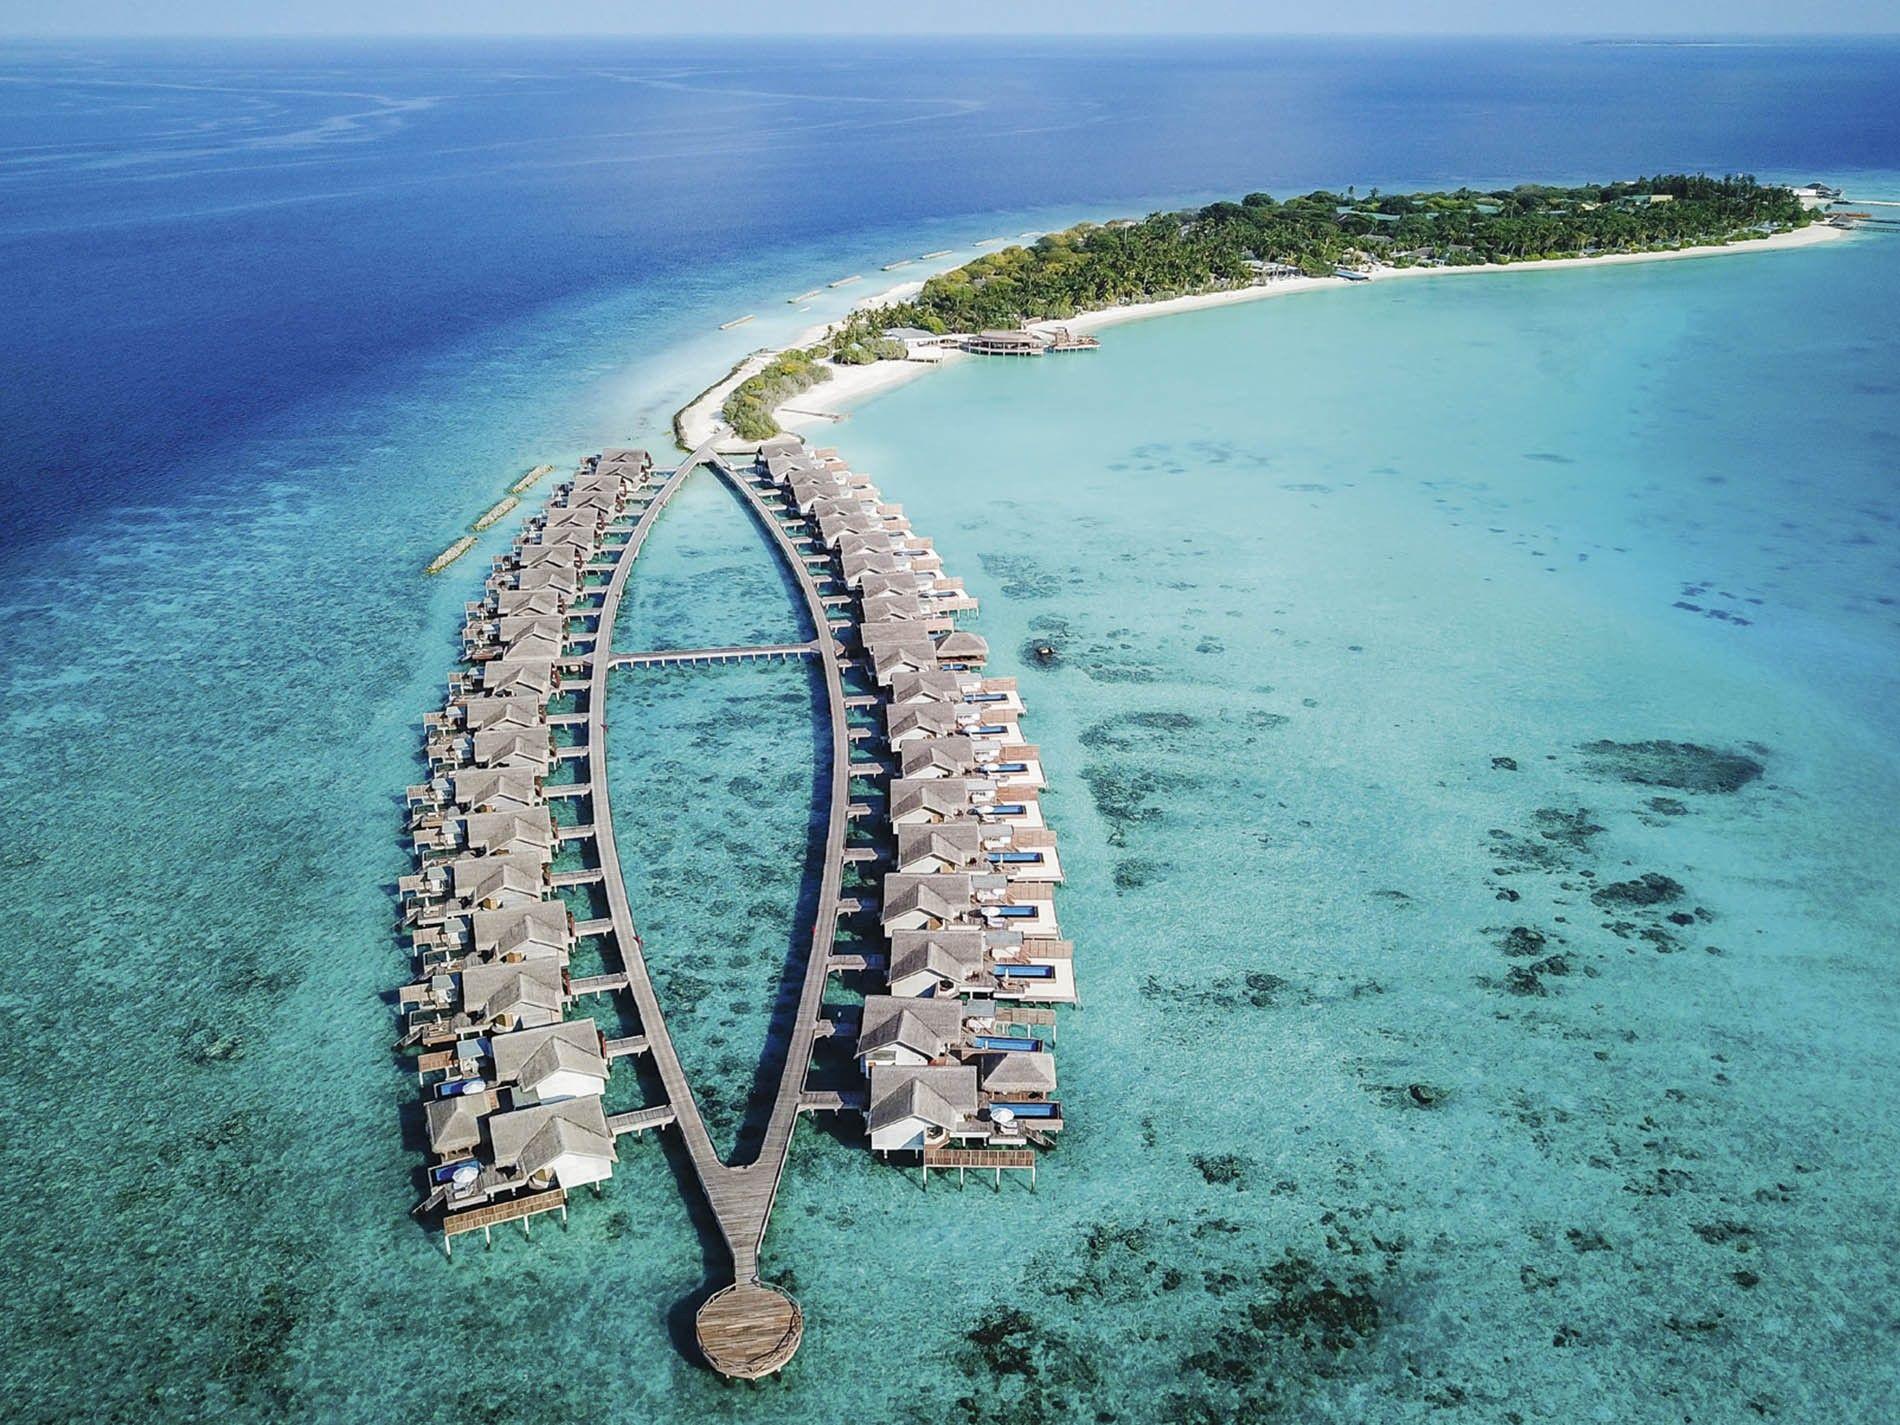 Fairmont Maldives — Sirru Fen Fushi